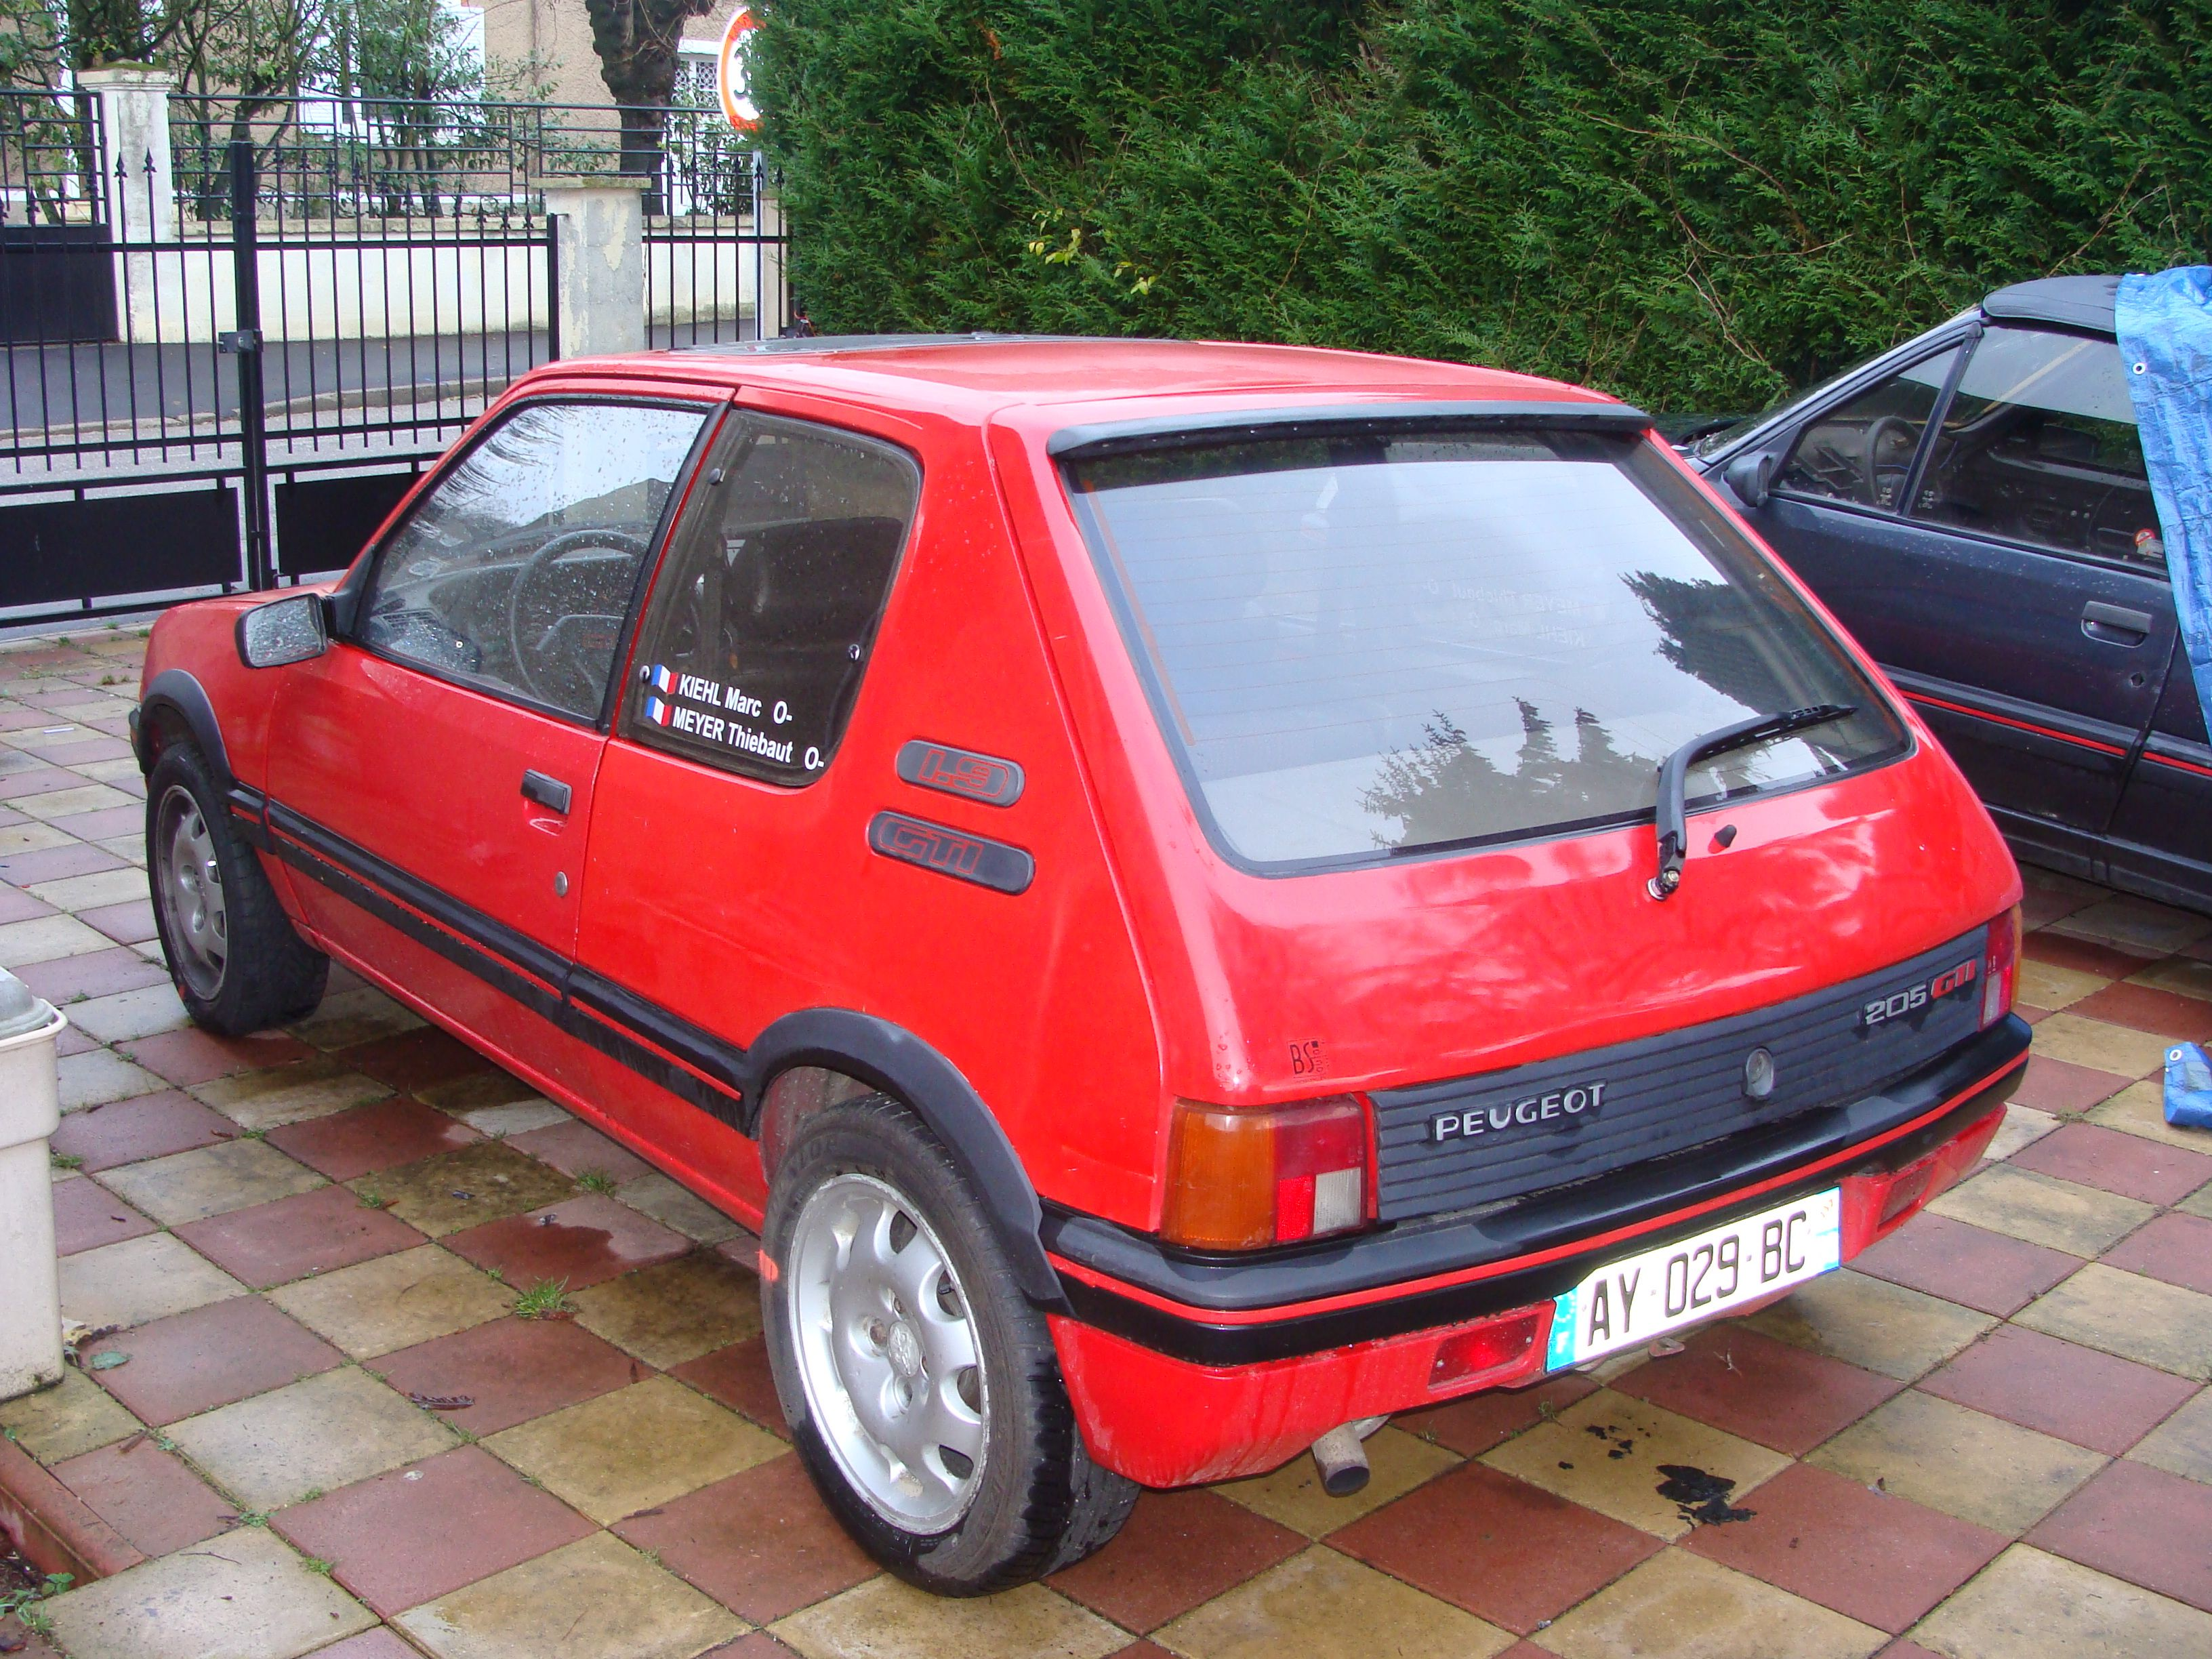 planete 205 205 gti 1 9l 130ch rouge vallelunga 03 1989 a vendre le parking des 205. Black Bedroom Furniture Sets. Home Design Ideas